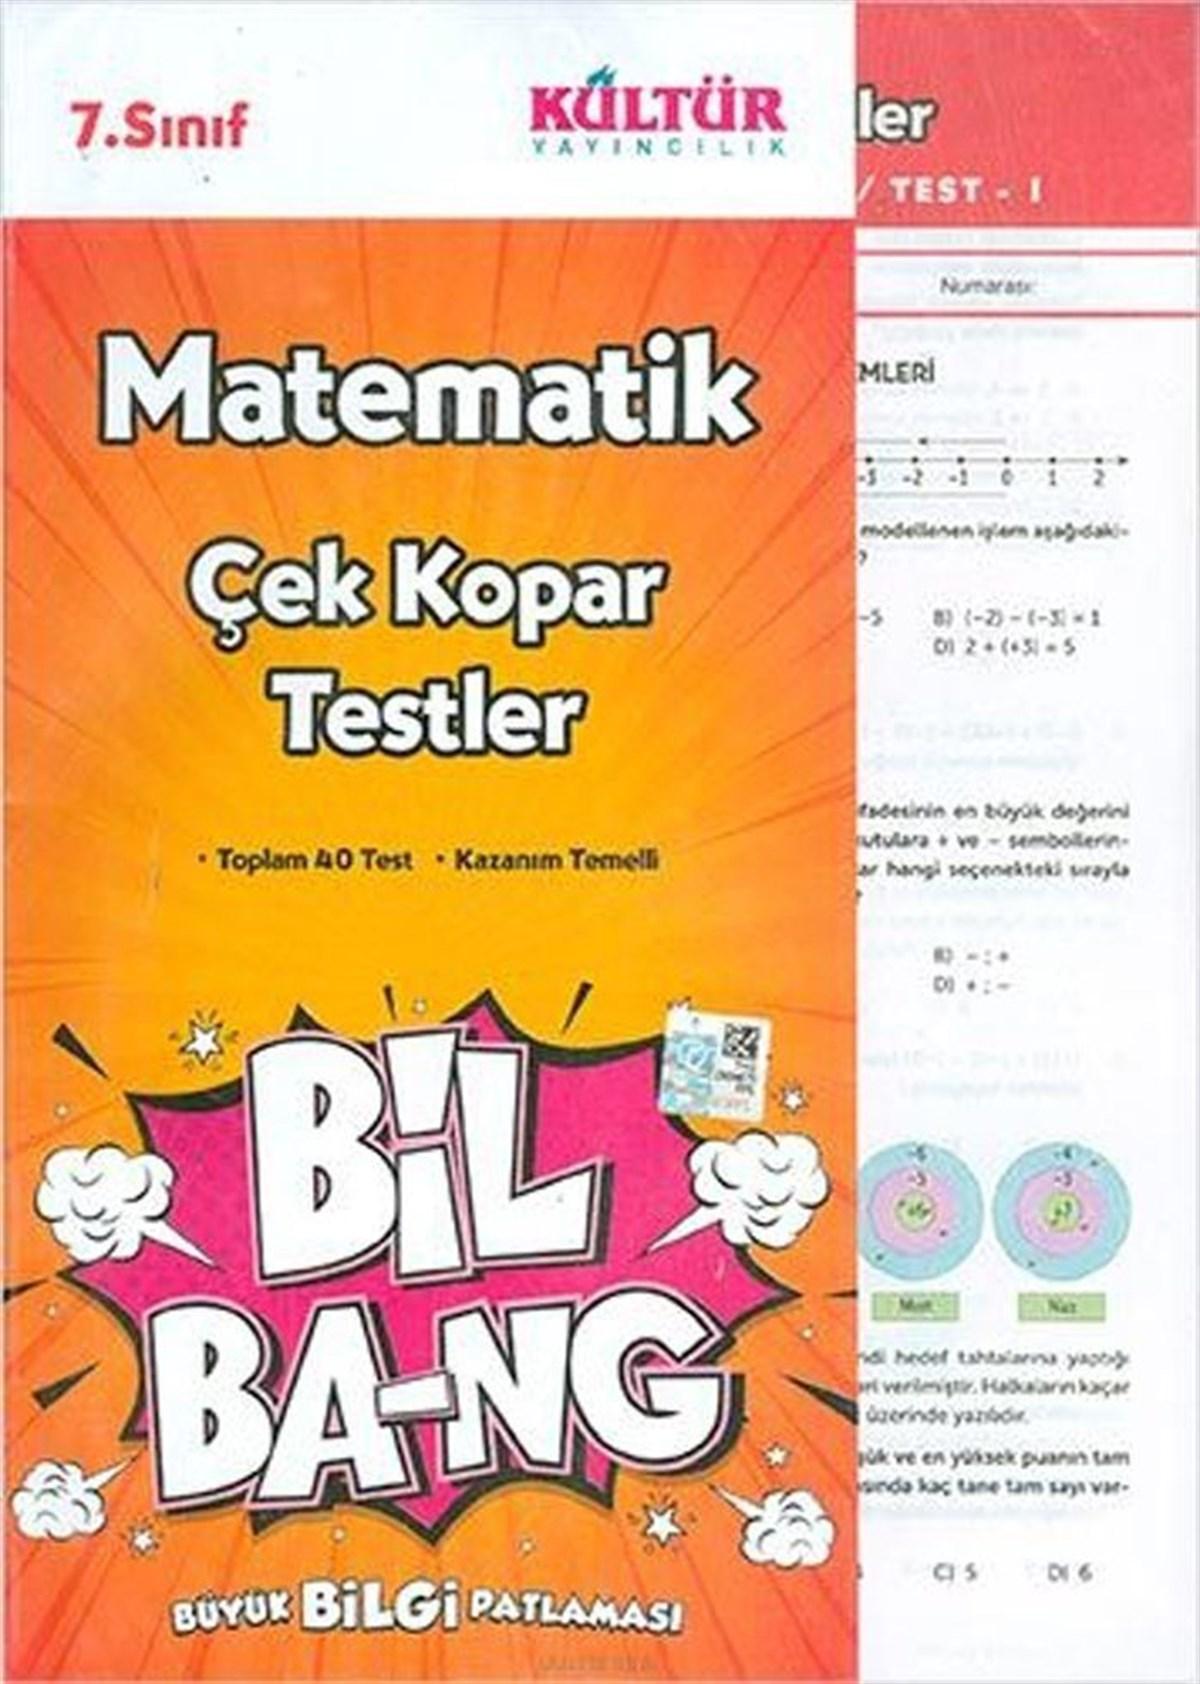 Kültür Yayıncılık 7.Sınıf Bil Ba-Ng Matematik Çek Kopar Testleri